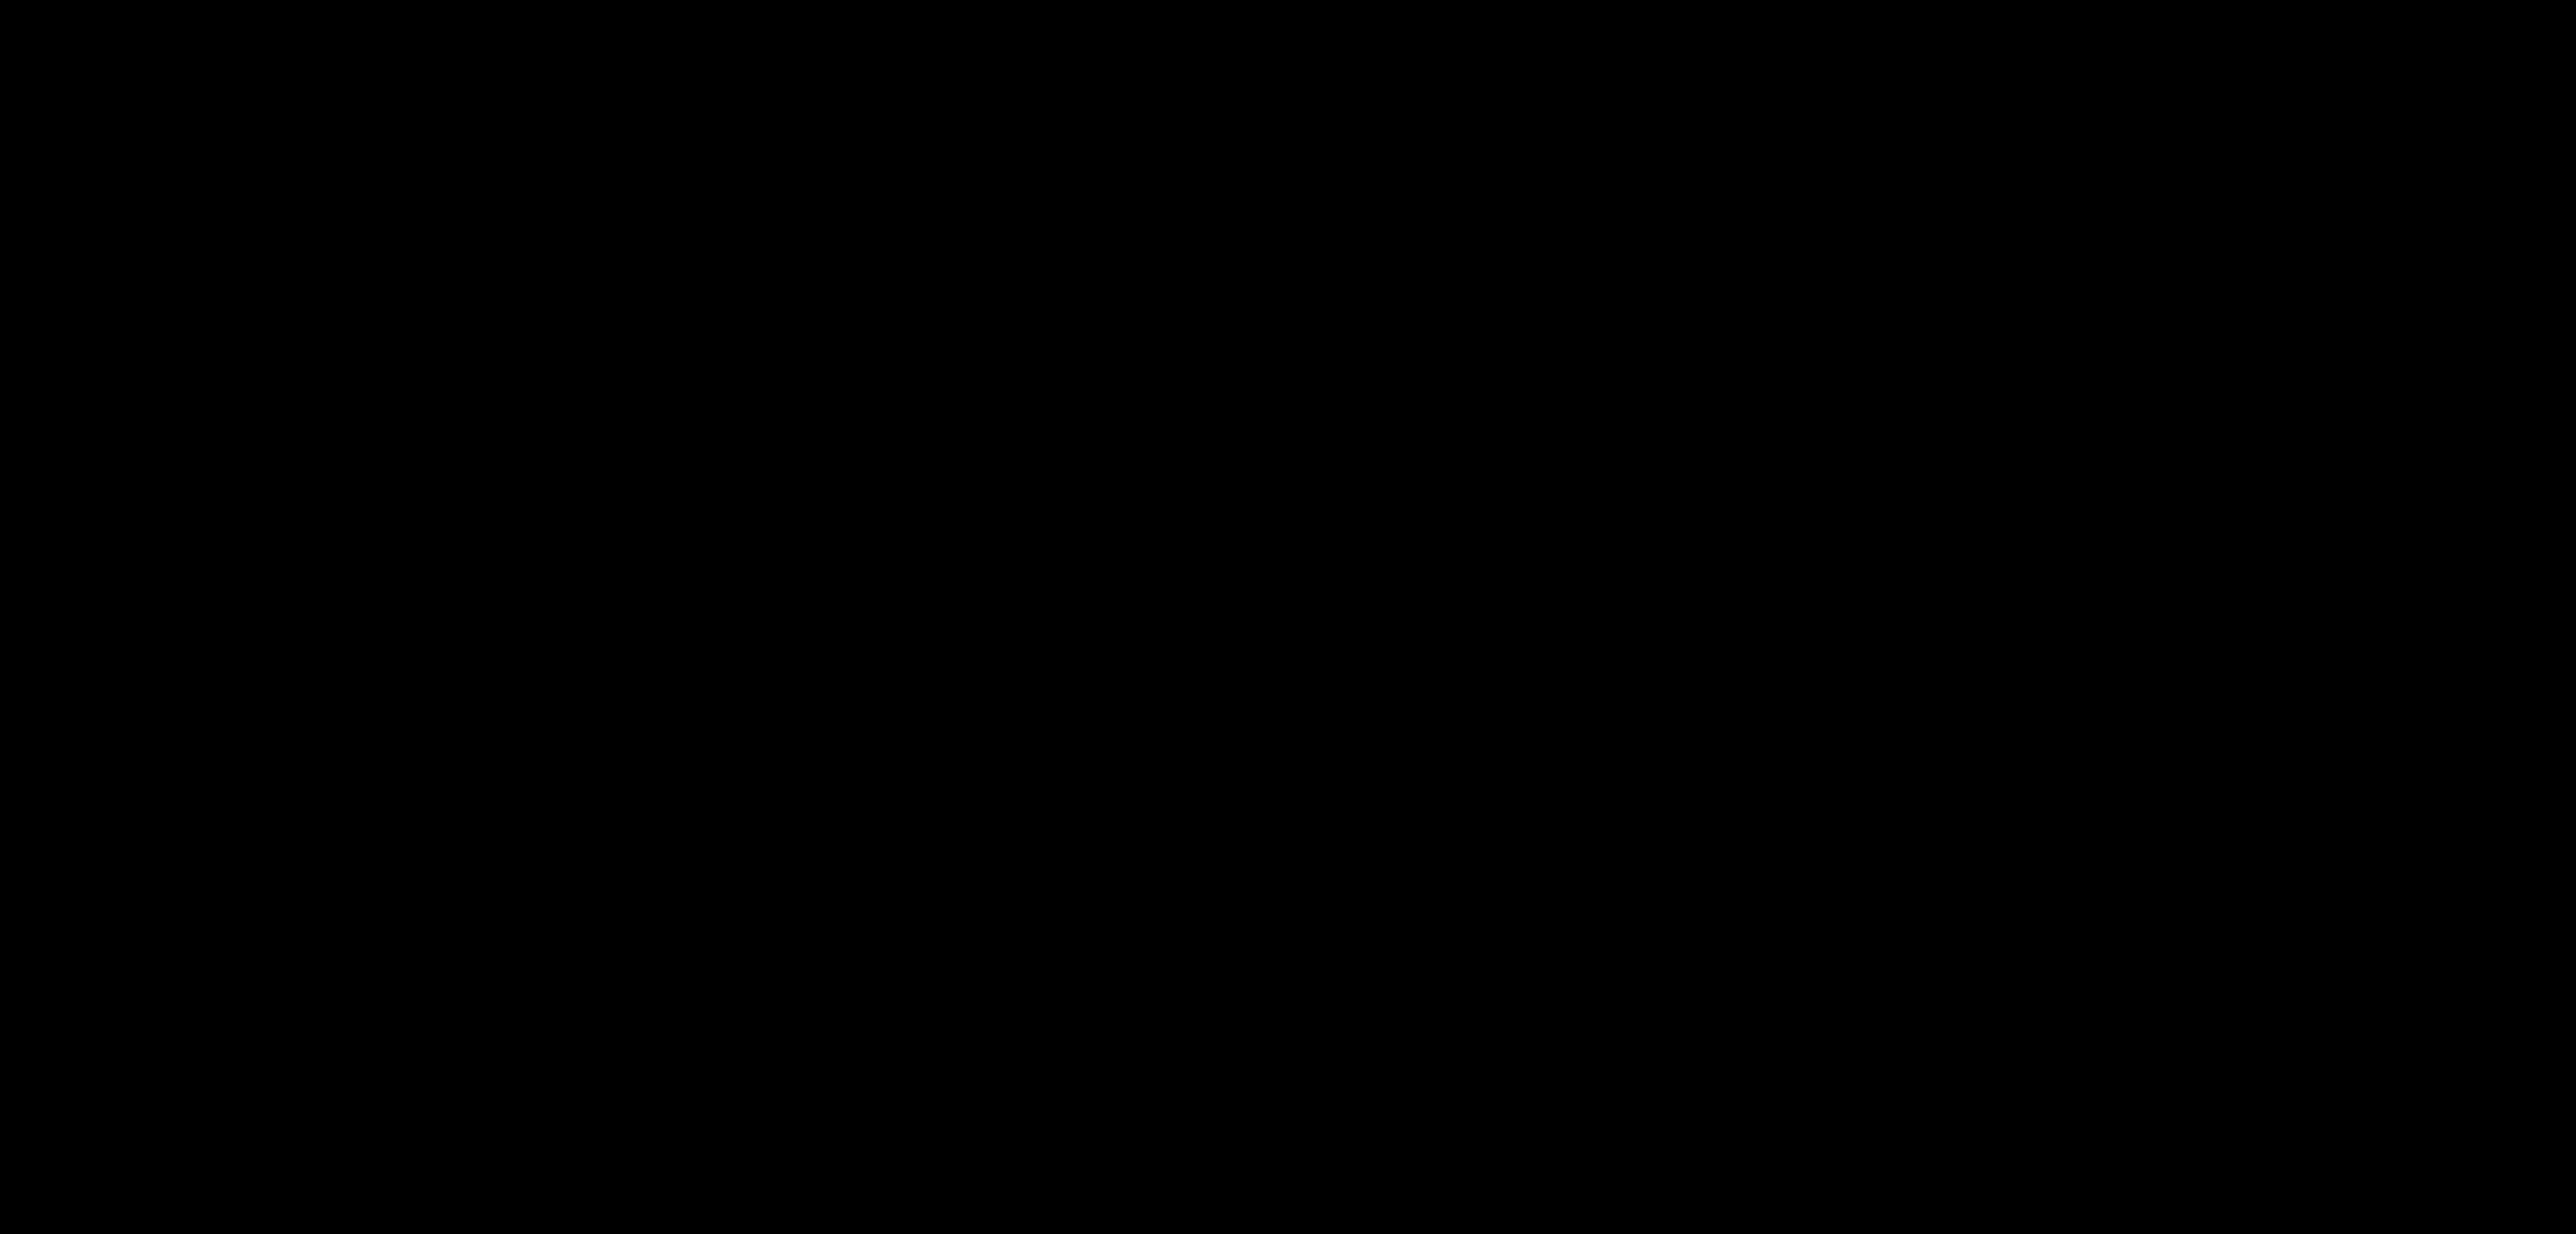 Sacrifice of the model by Mertim